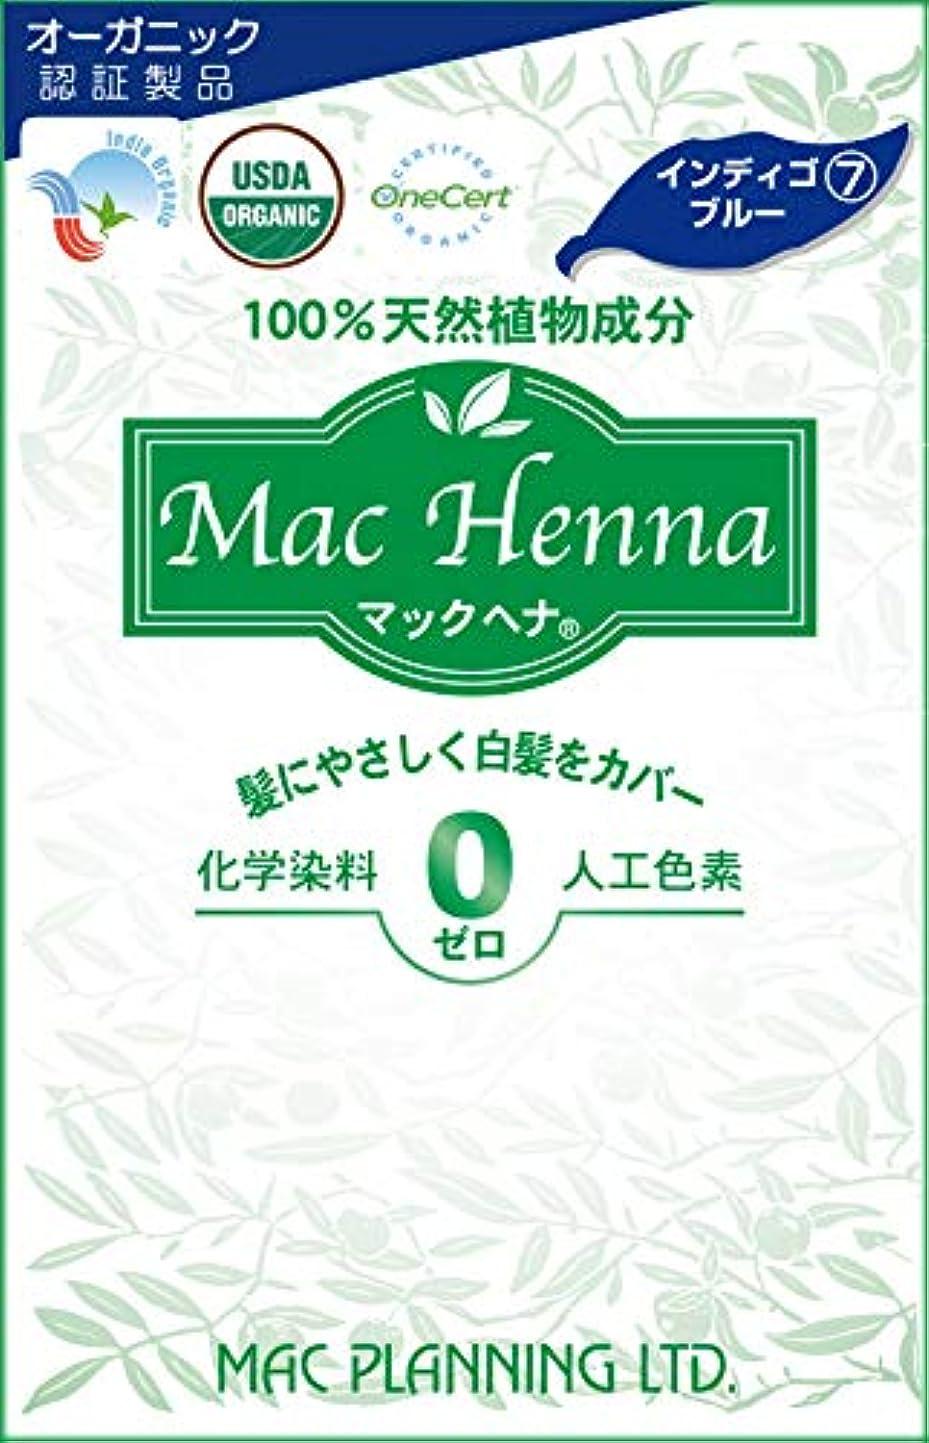 相手小売忠誠マックヘナ インディゴブルー50g+50g(インディゴ100%) 100%天然